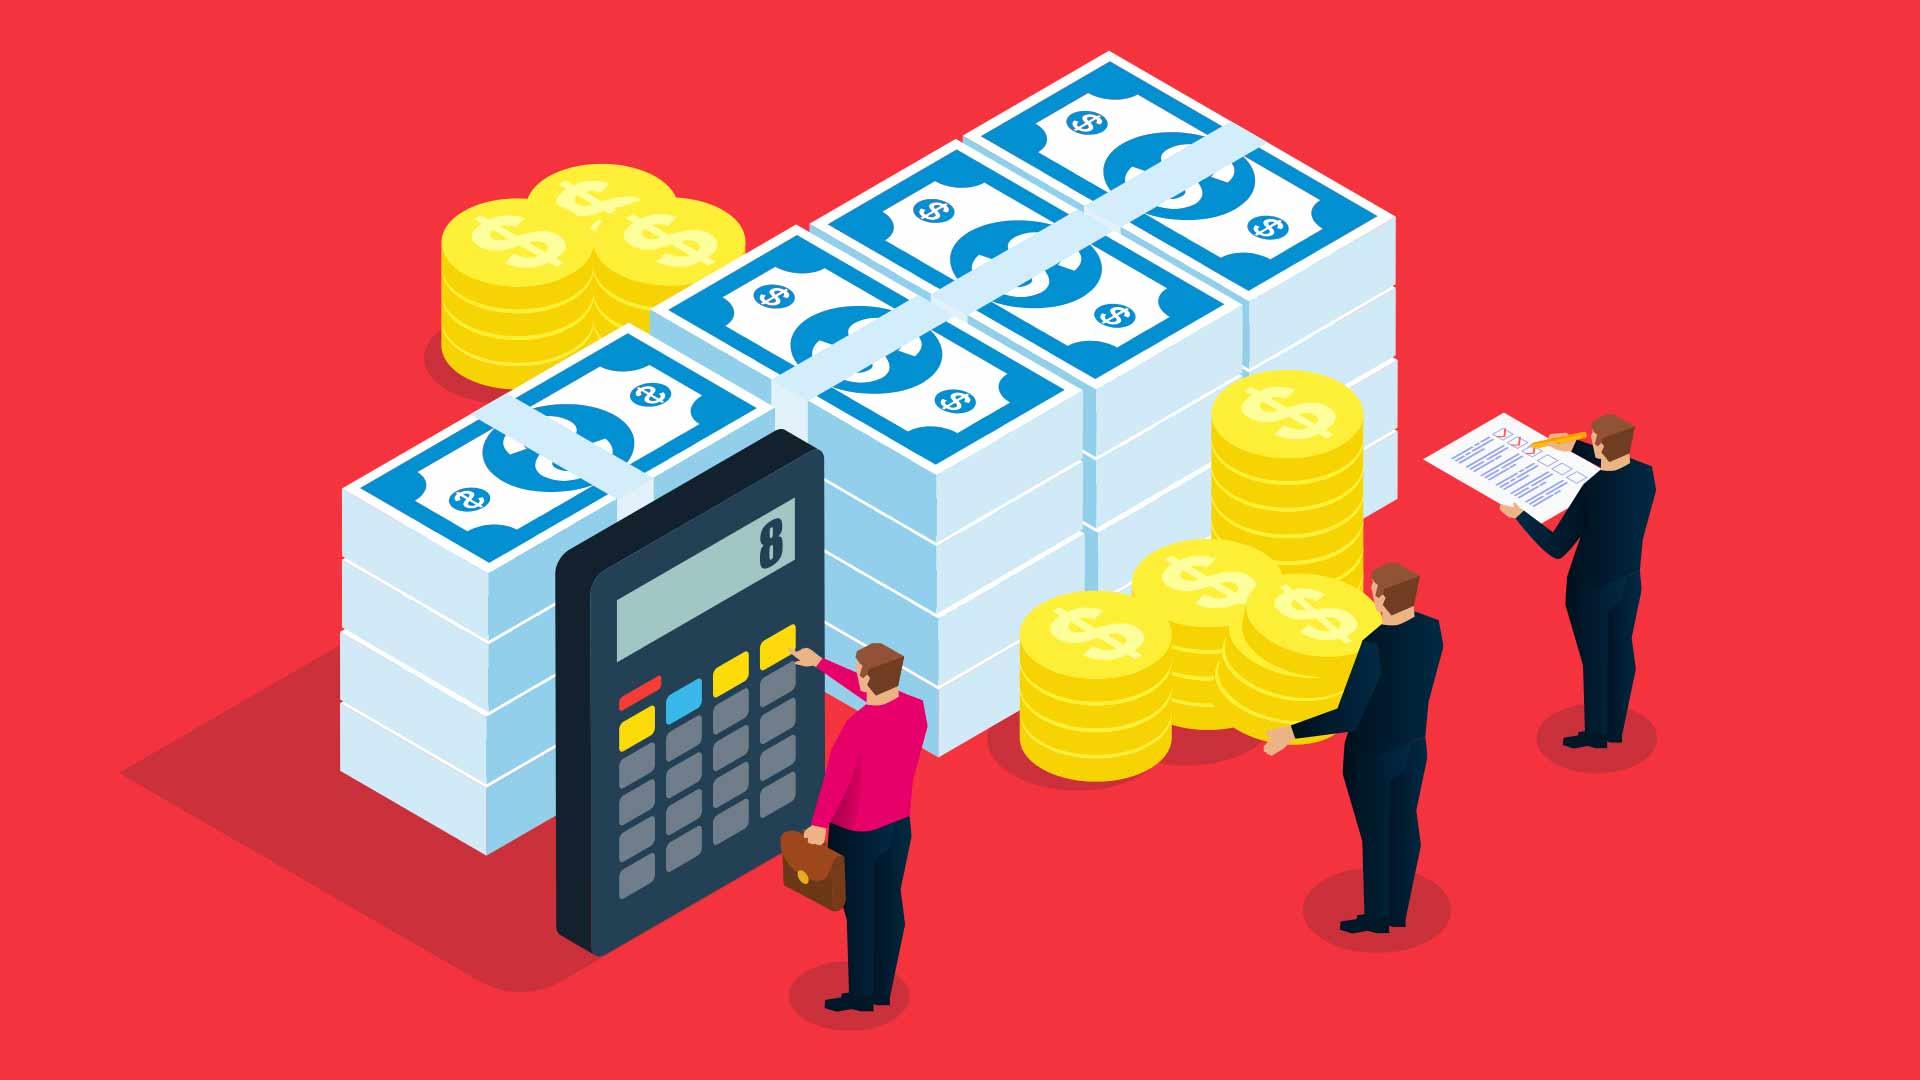 Vad tycker ni om att man lånar pengar för att investera på börsen?